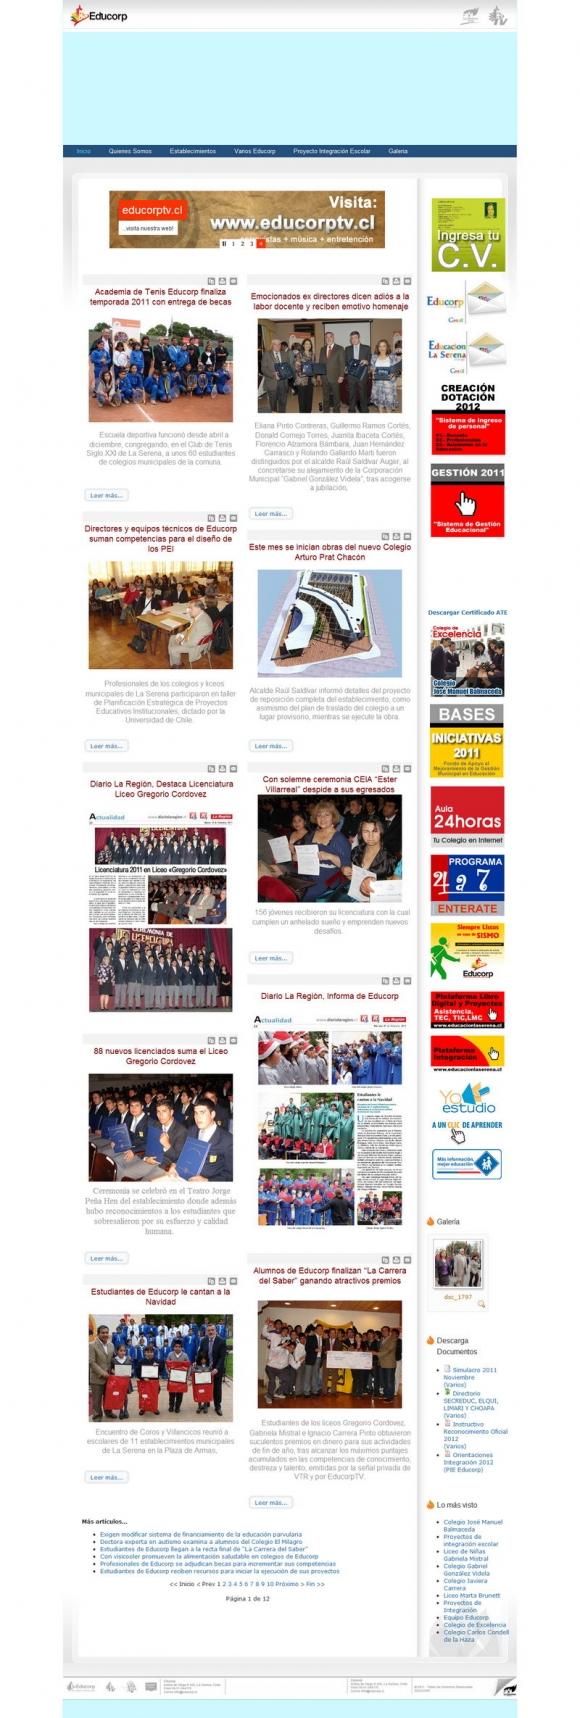 EDUCORP, Una Nueva Educación, Departamento de Educación La Serena